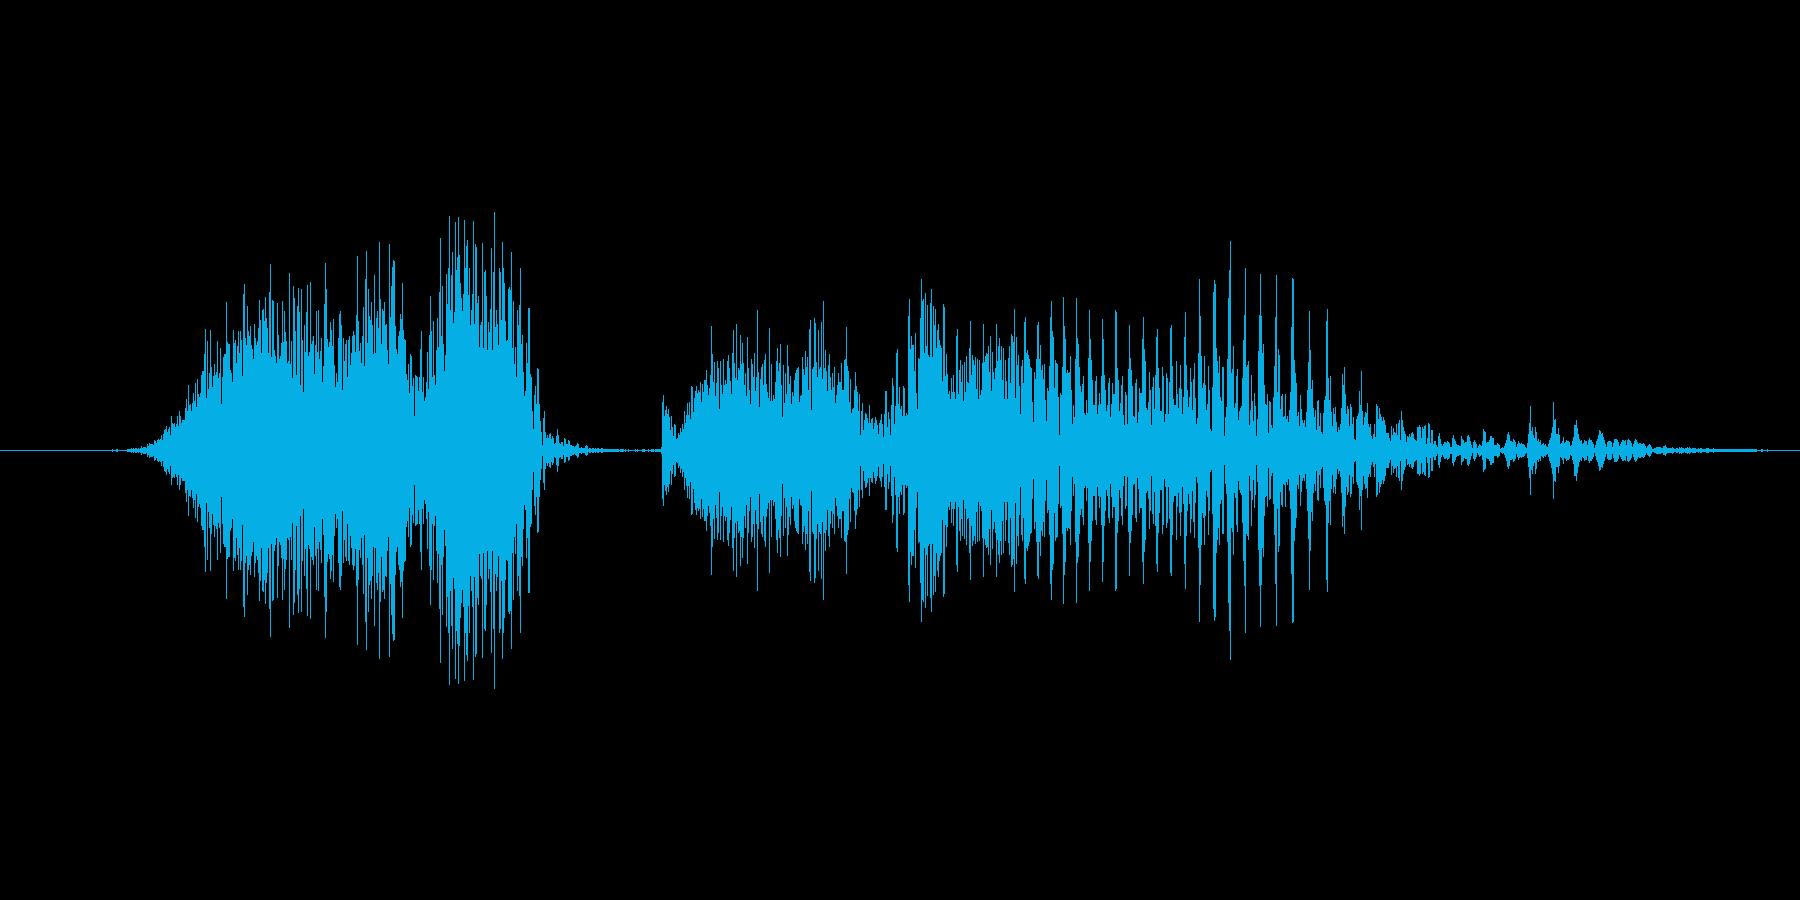 「6 AM」英語発音の再生済みの波形